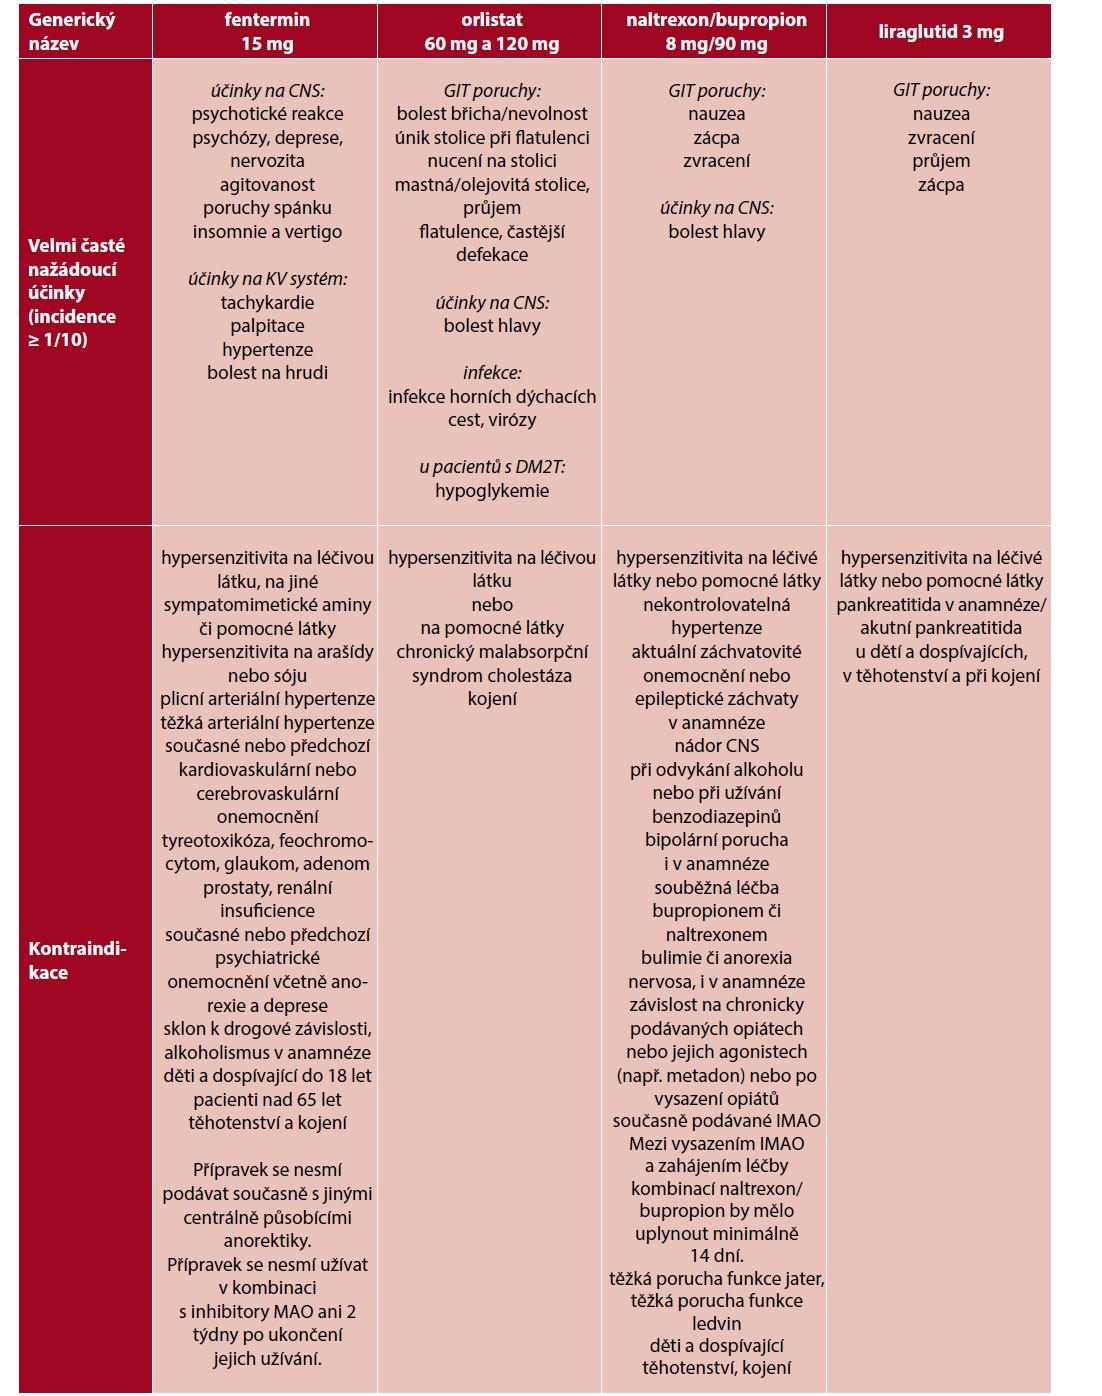 Přehled velmi častých nežádoucích účinků a kontraindikací antiobezitik schválených v České republice